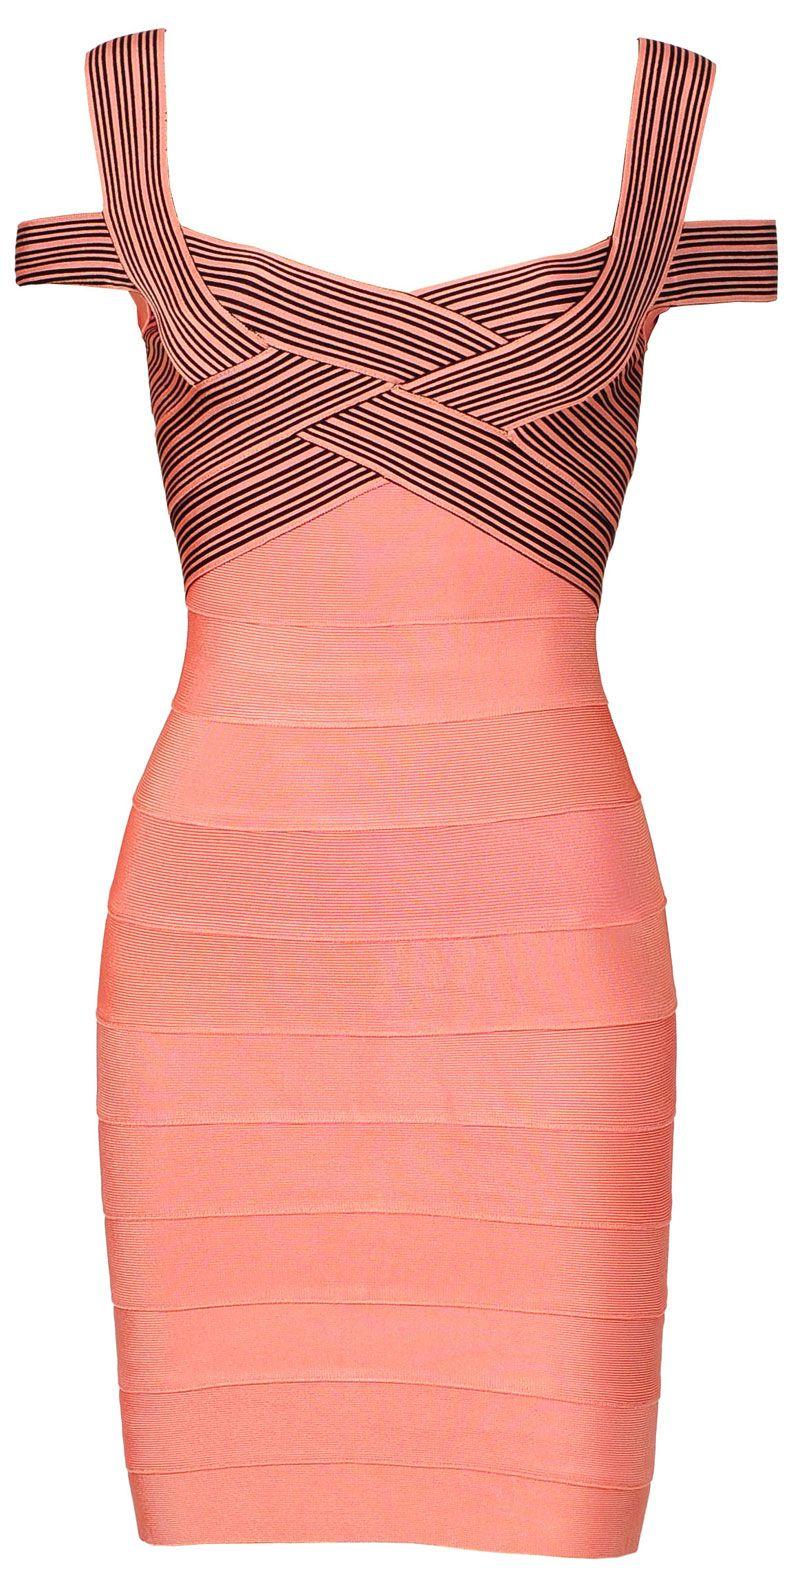 Natasha\' Rose Pink & Black Cross Bust Bandage Bodycon Dress, celeb ...